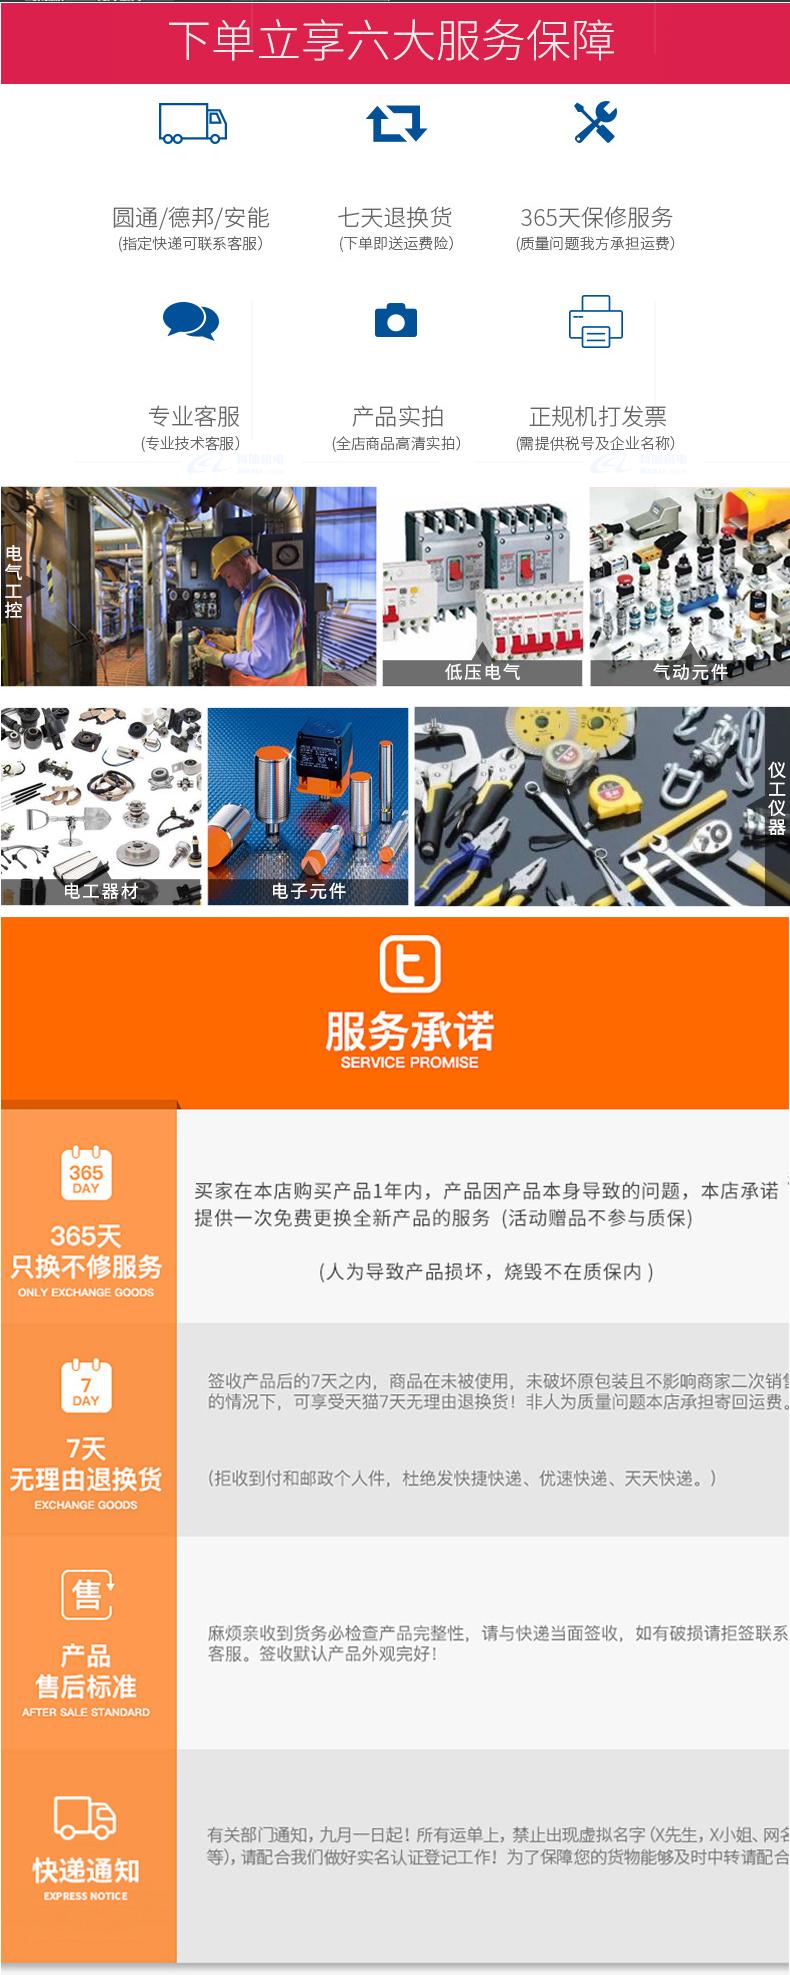 常熟开关塑壳断路器CM3-250M/3300 200A服务保障